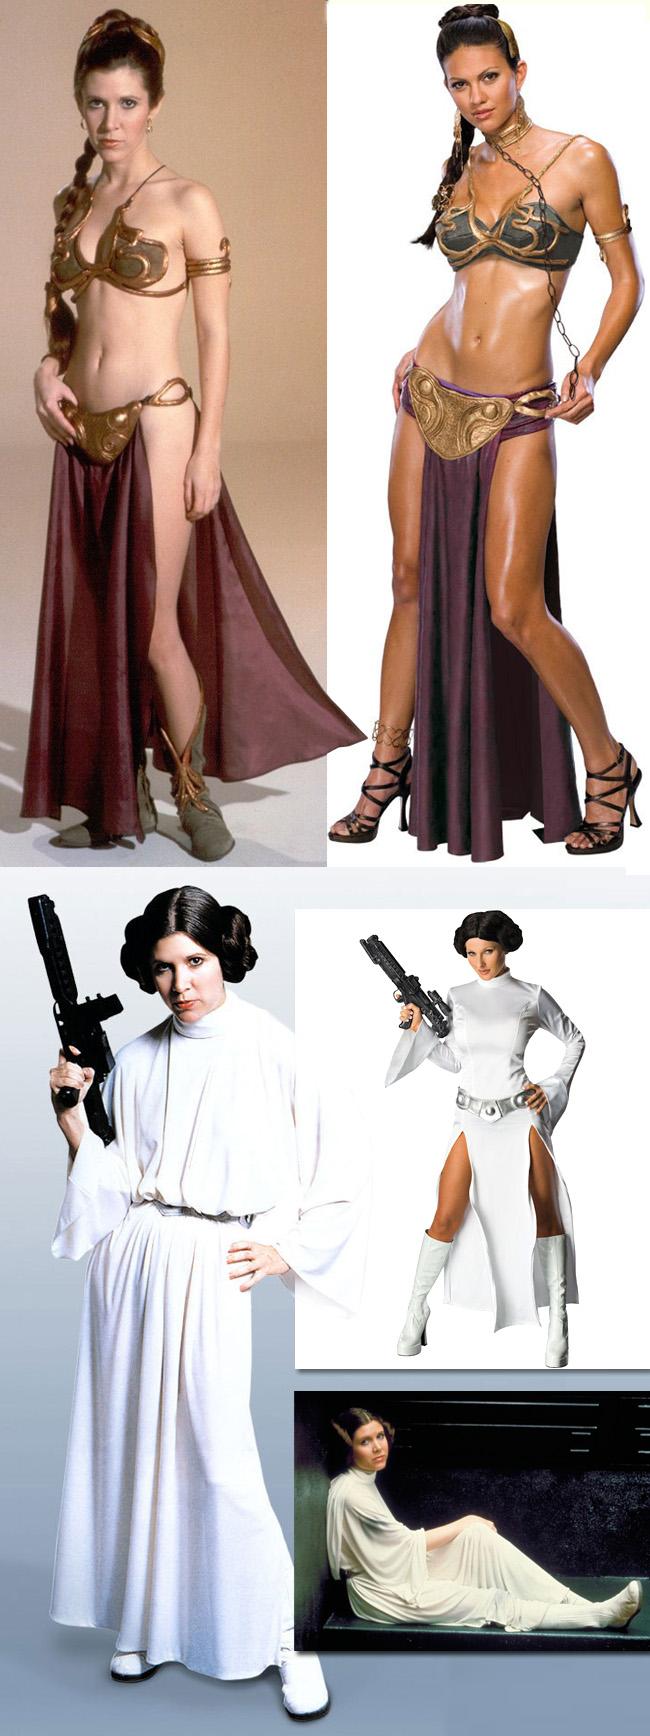 Leia-Princesa-Star-Wars-sexy-girl-pin-up-moda-concept-art-bikini-vestuario